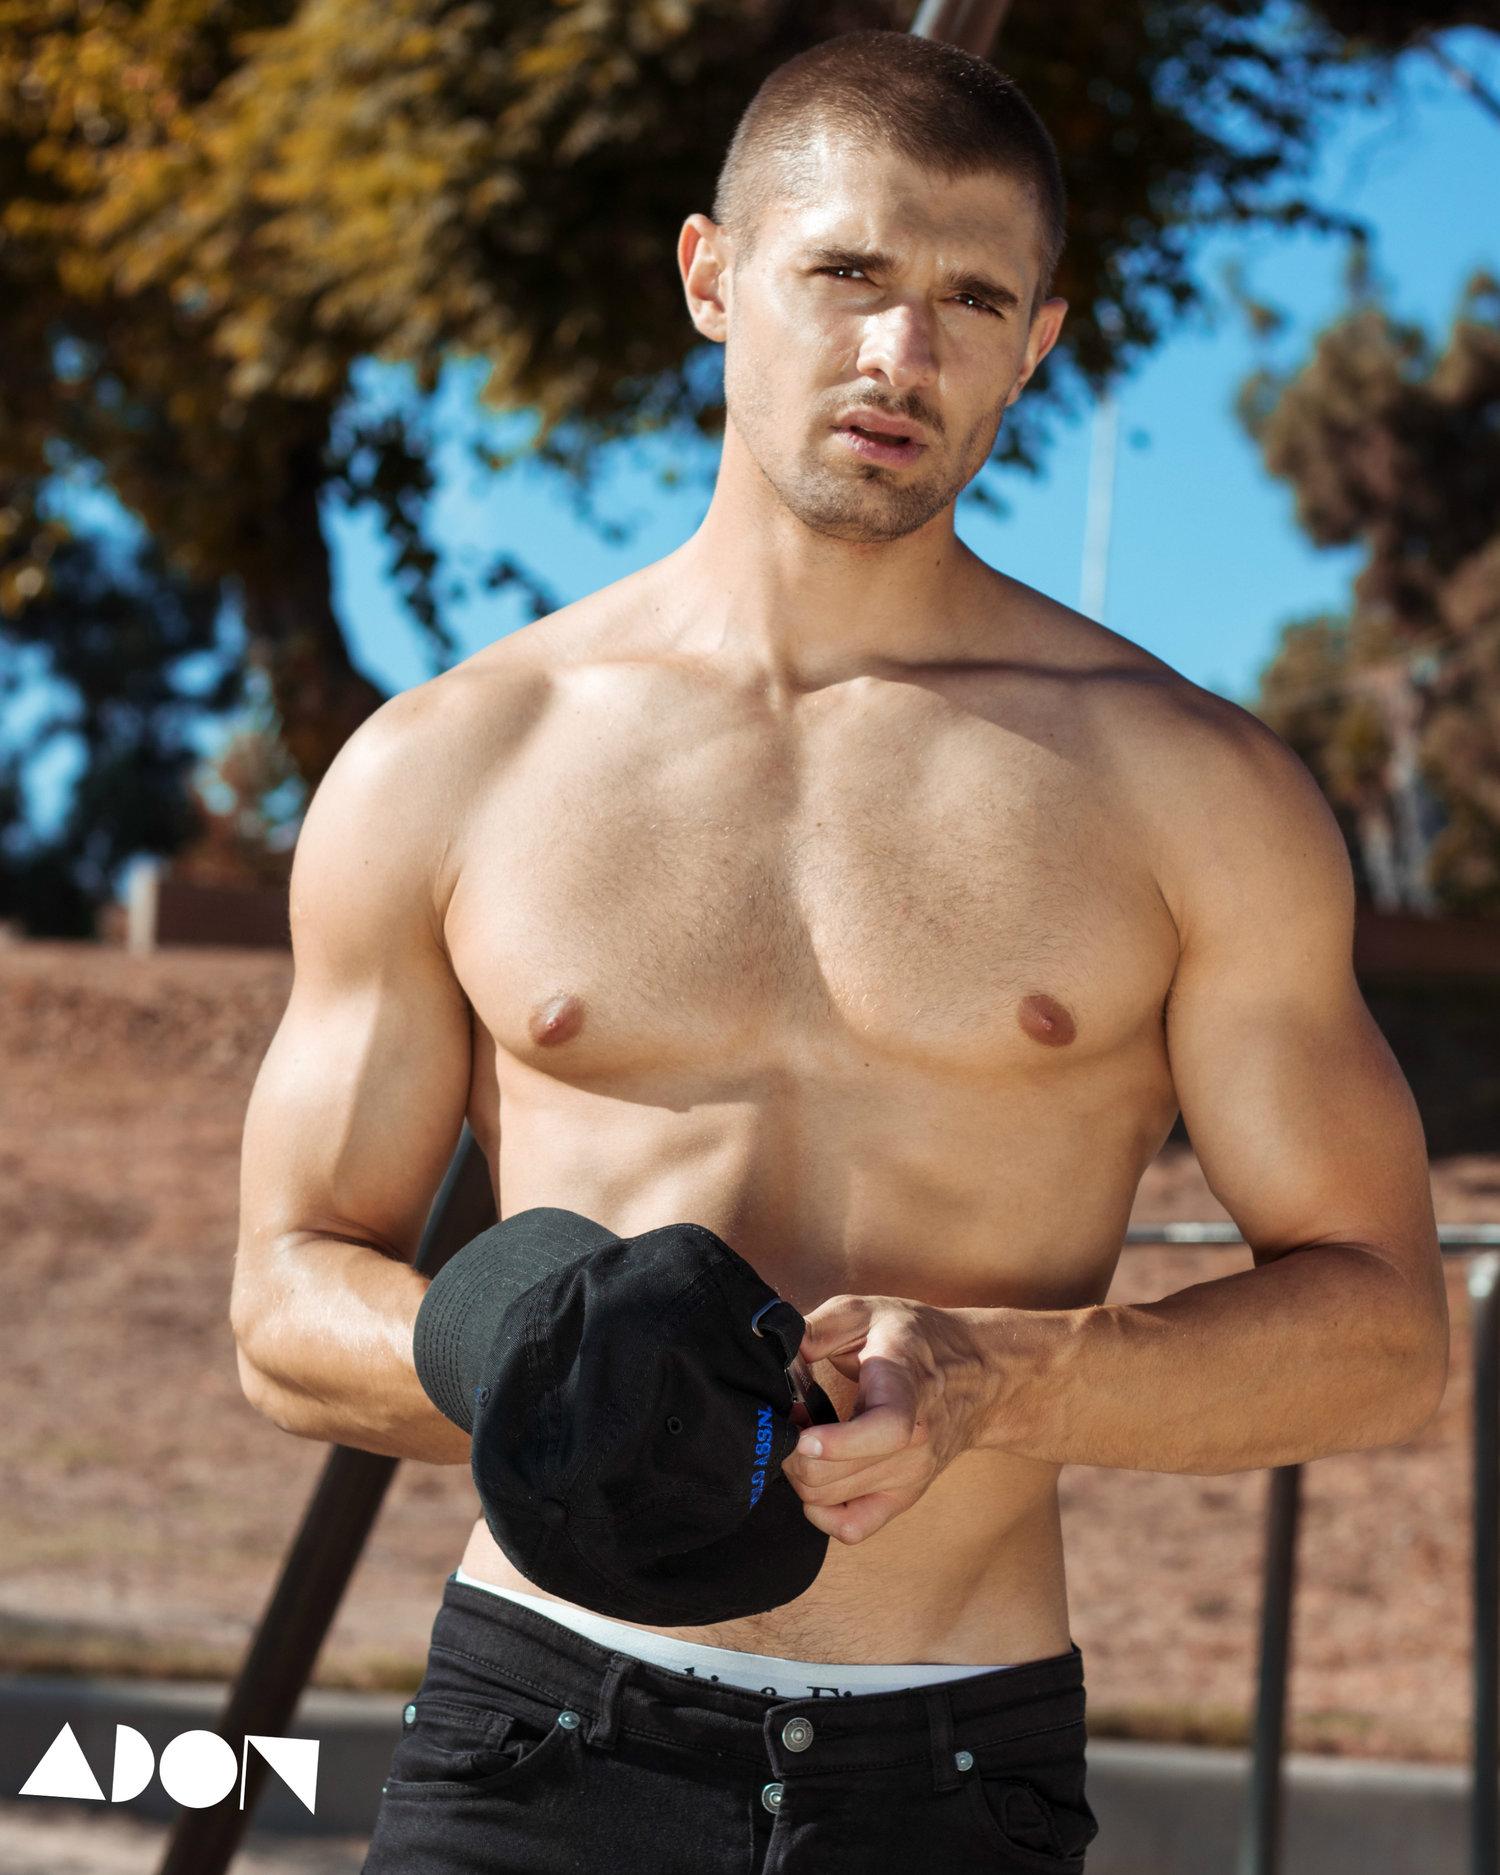 Adon Exclusive: Model Anthony Parker By David Villalva